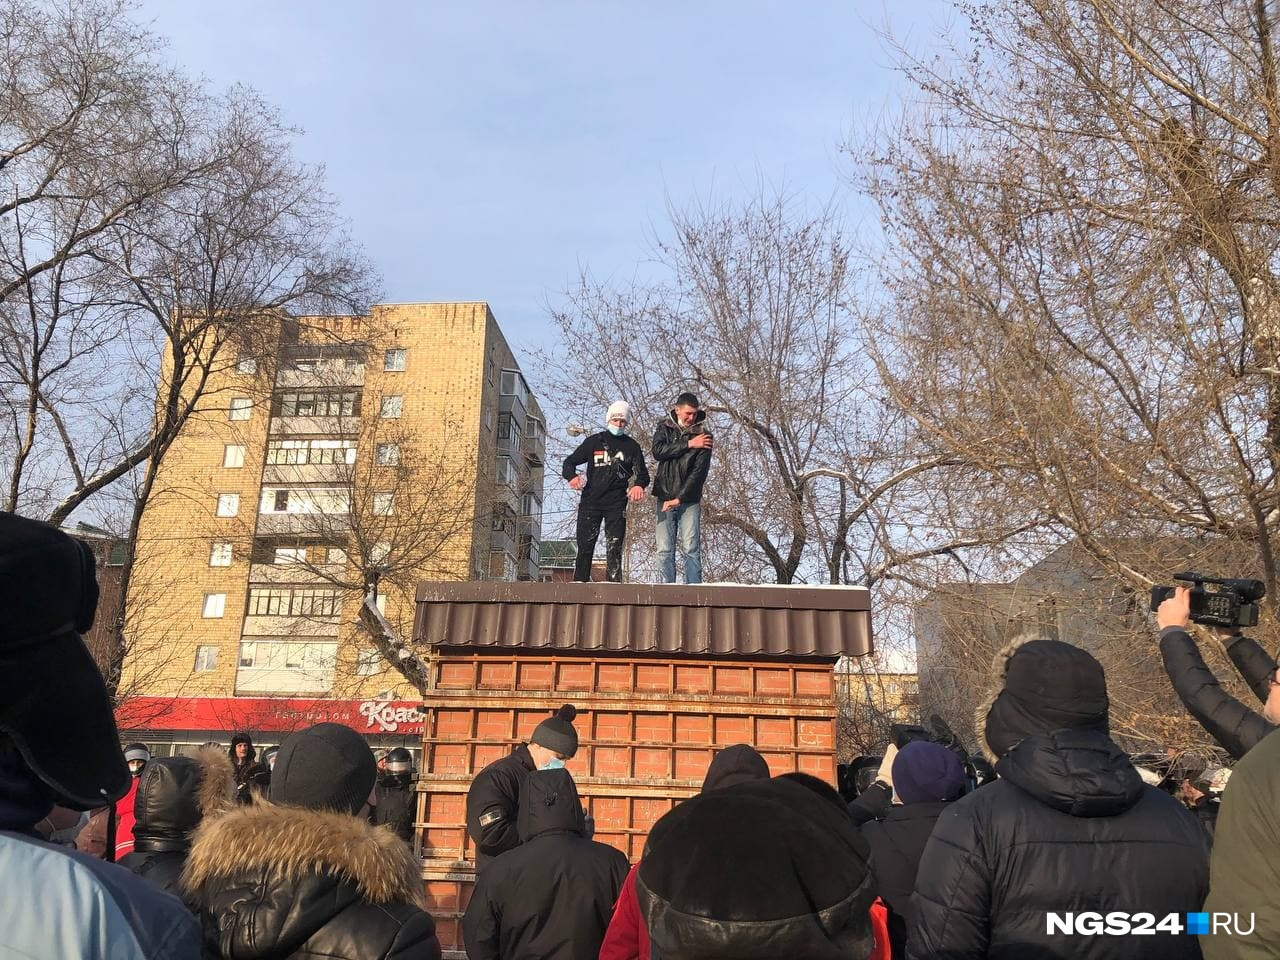 Некоторым протестующим показалось, что с будки происходящее виднее